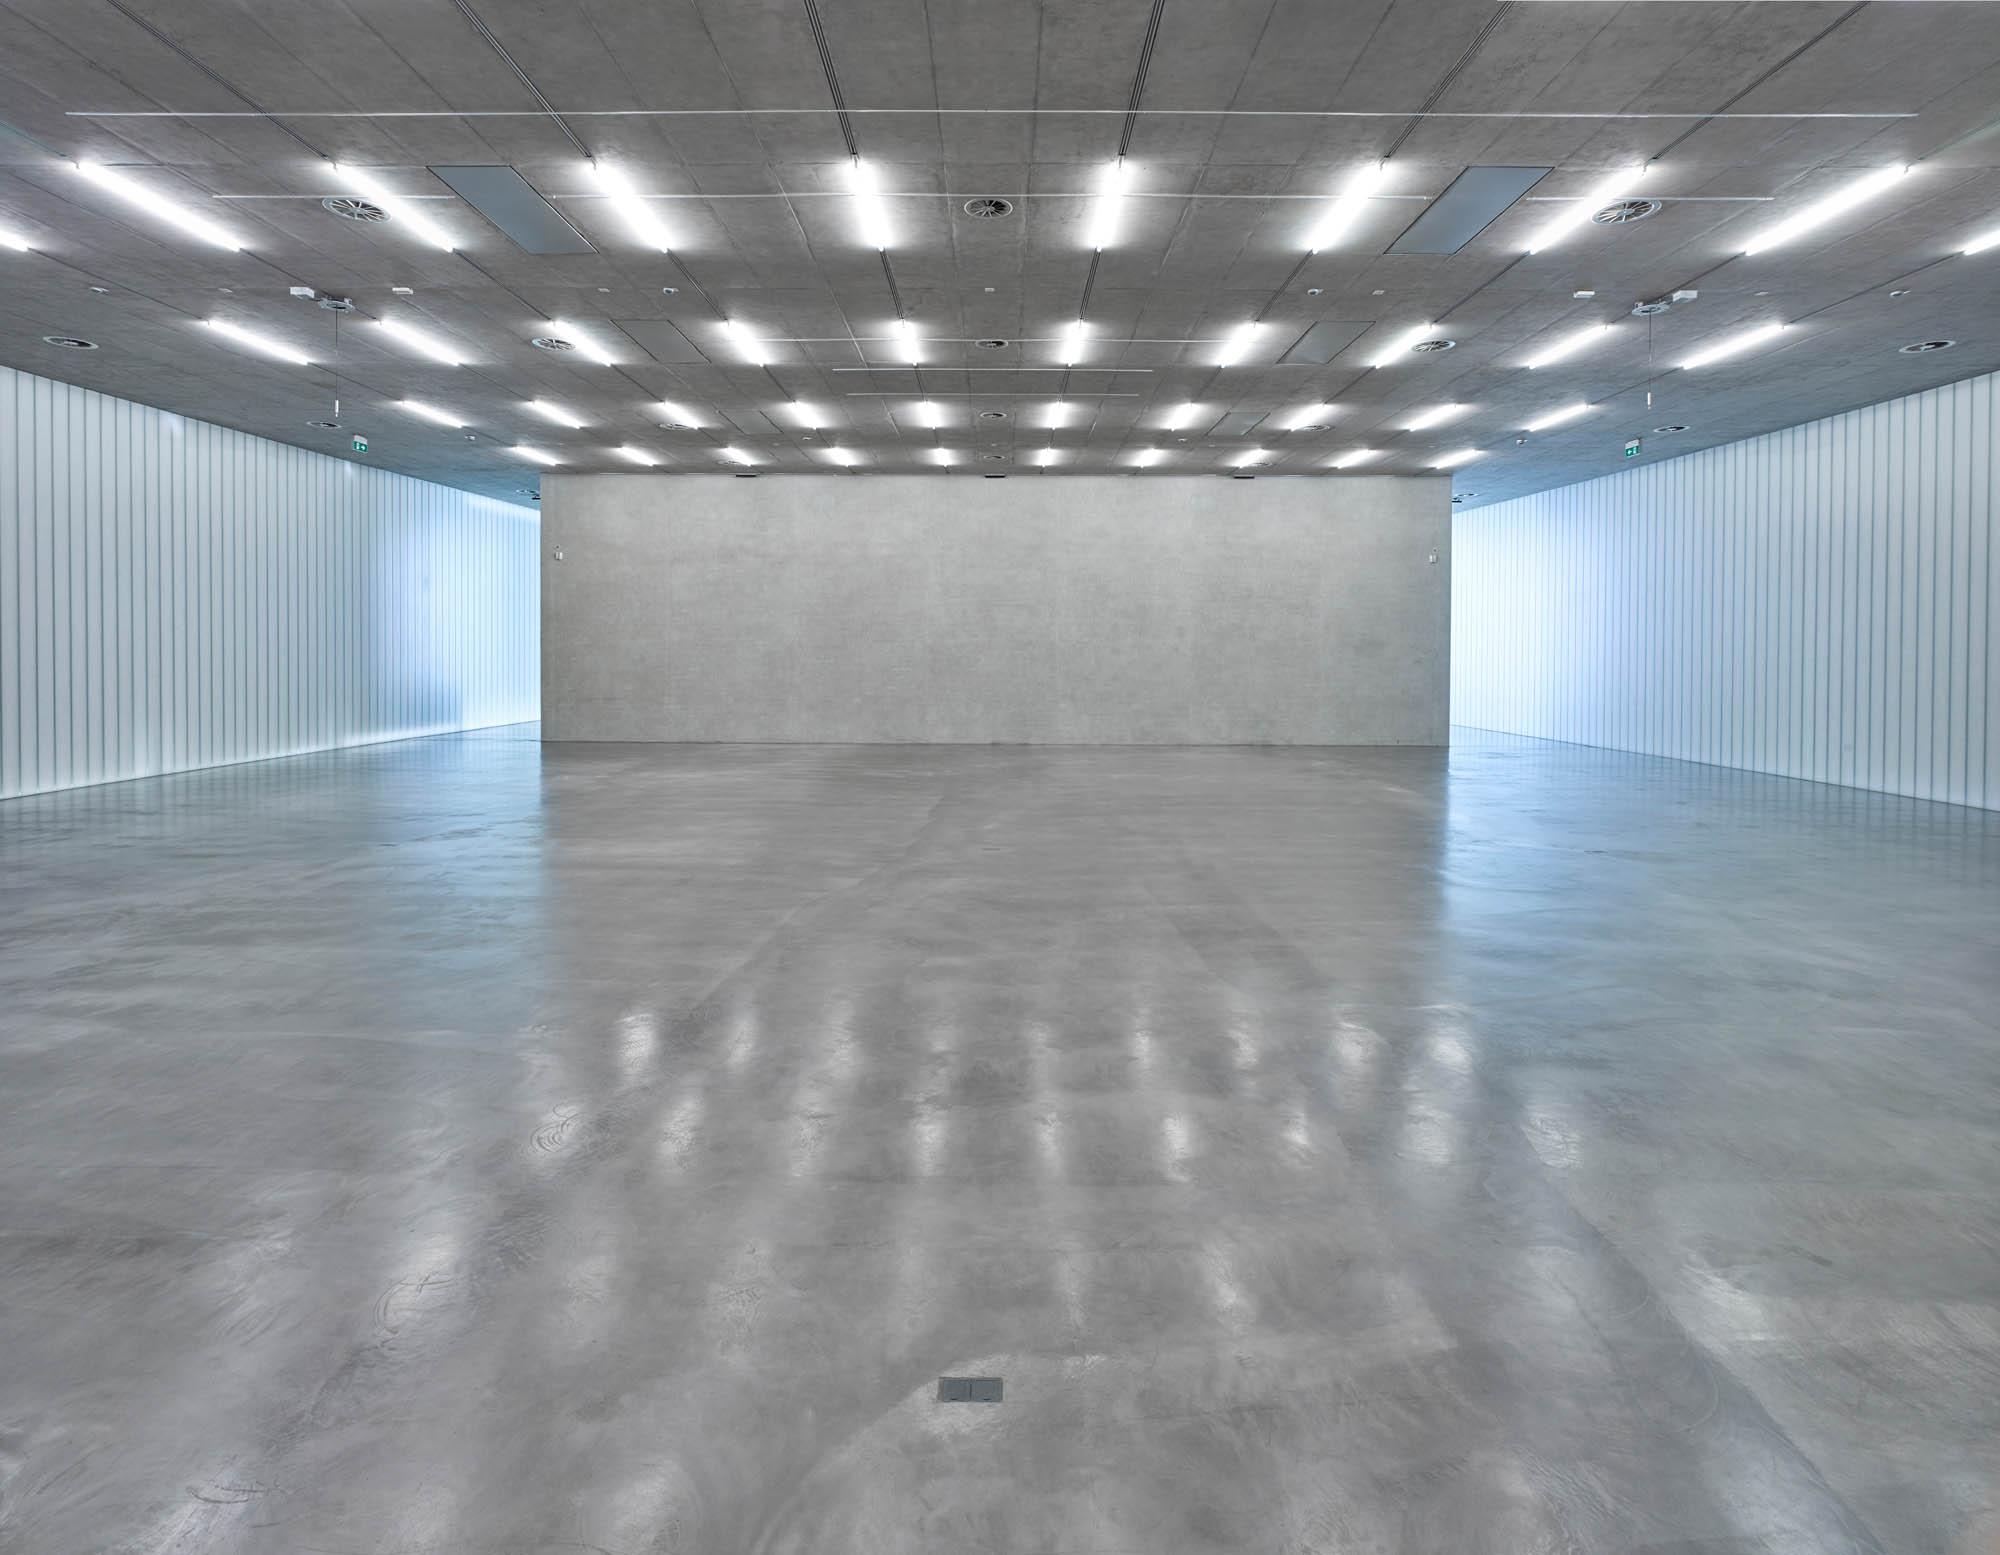 OPC 160908 0016 20 - Galerie Stihl Waiblingen: Ablichtung der Ausstellungshalle